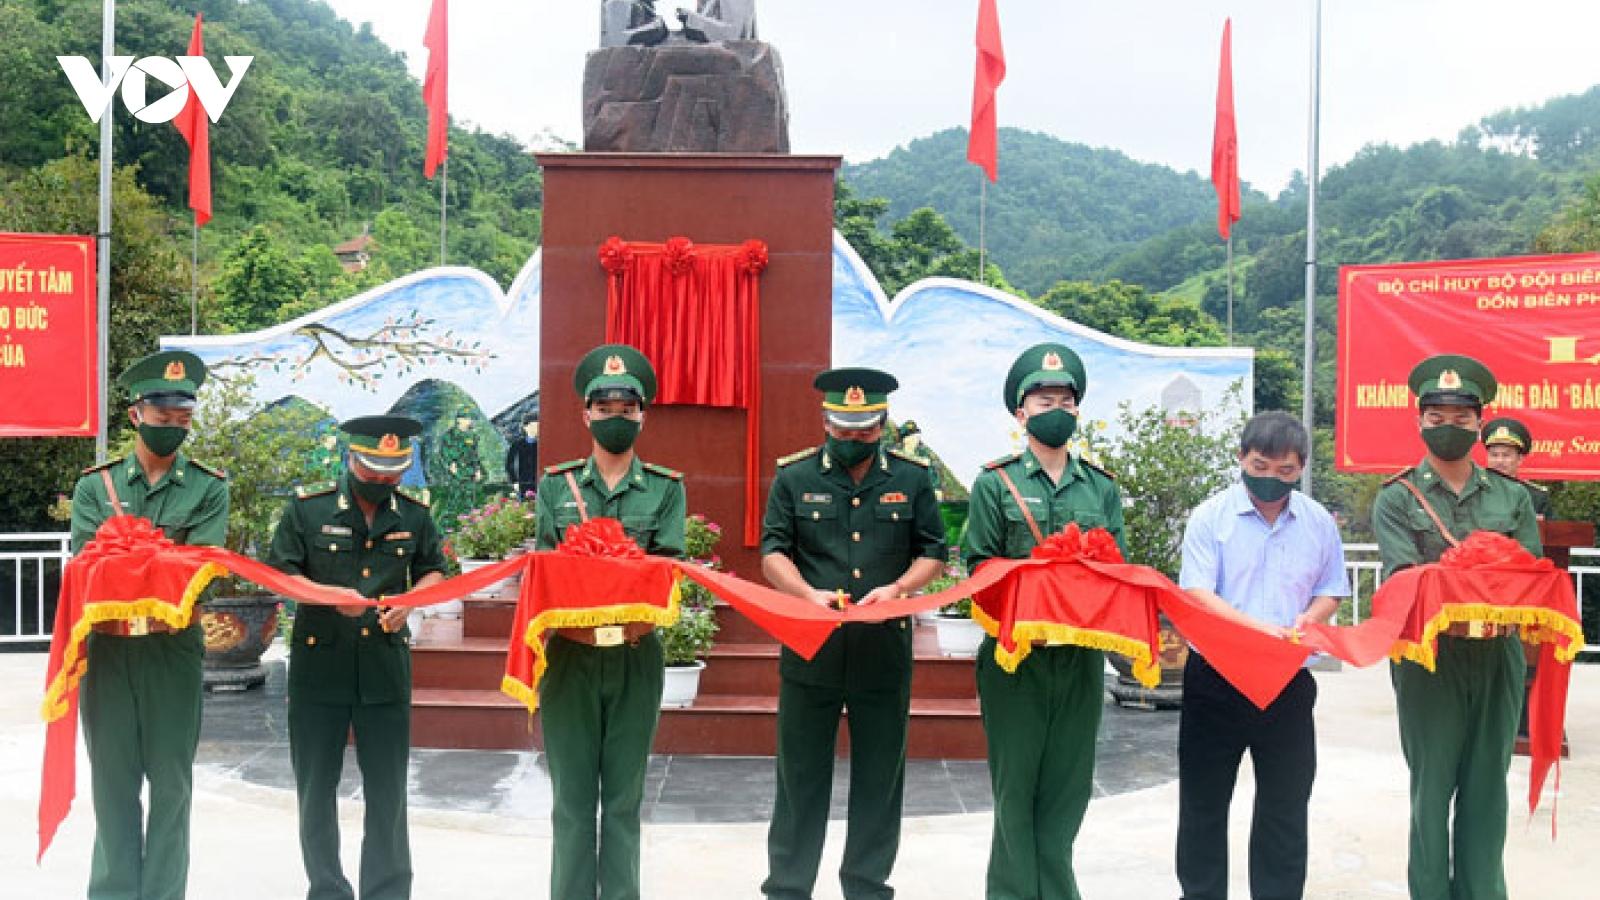 """Lạng Sơn khánh thành tượng đài """"Bác Hồ với chiến sĩ Biên phòng"""""""